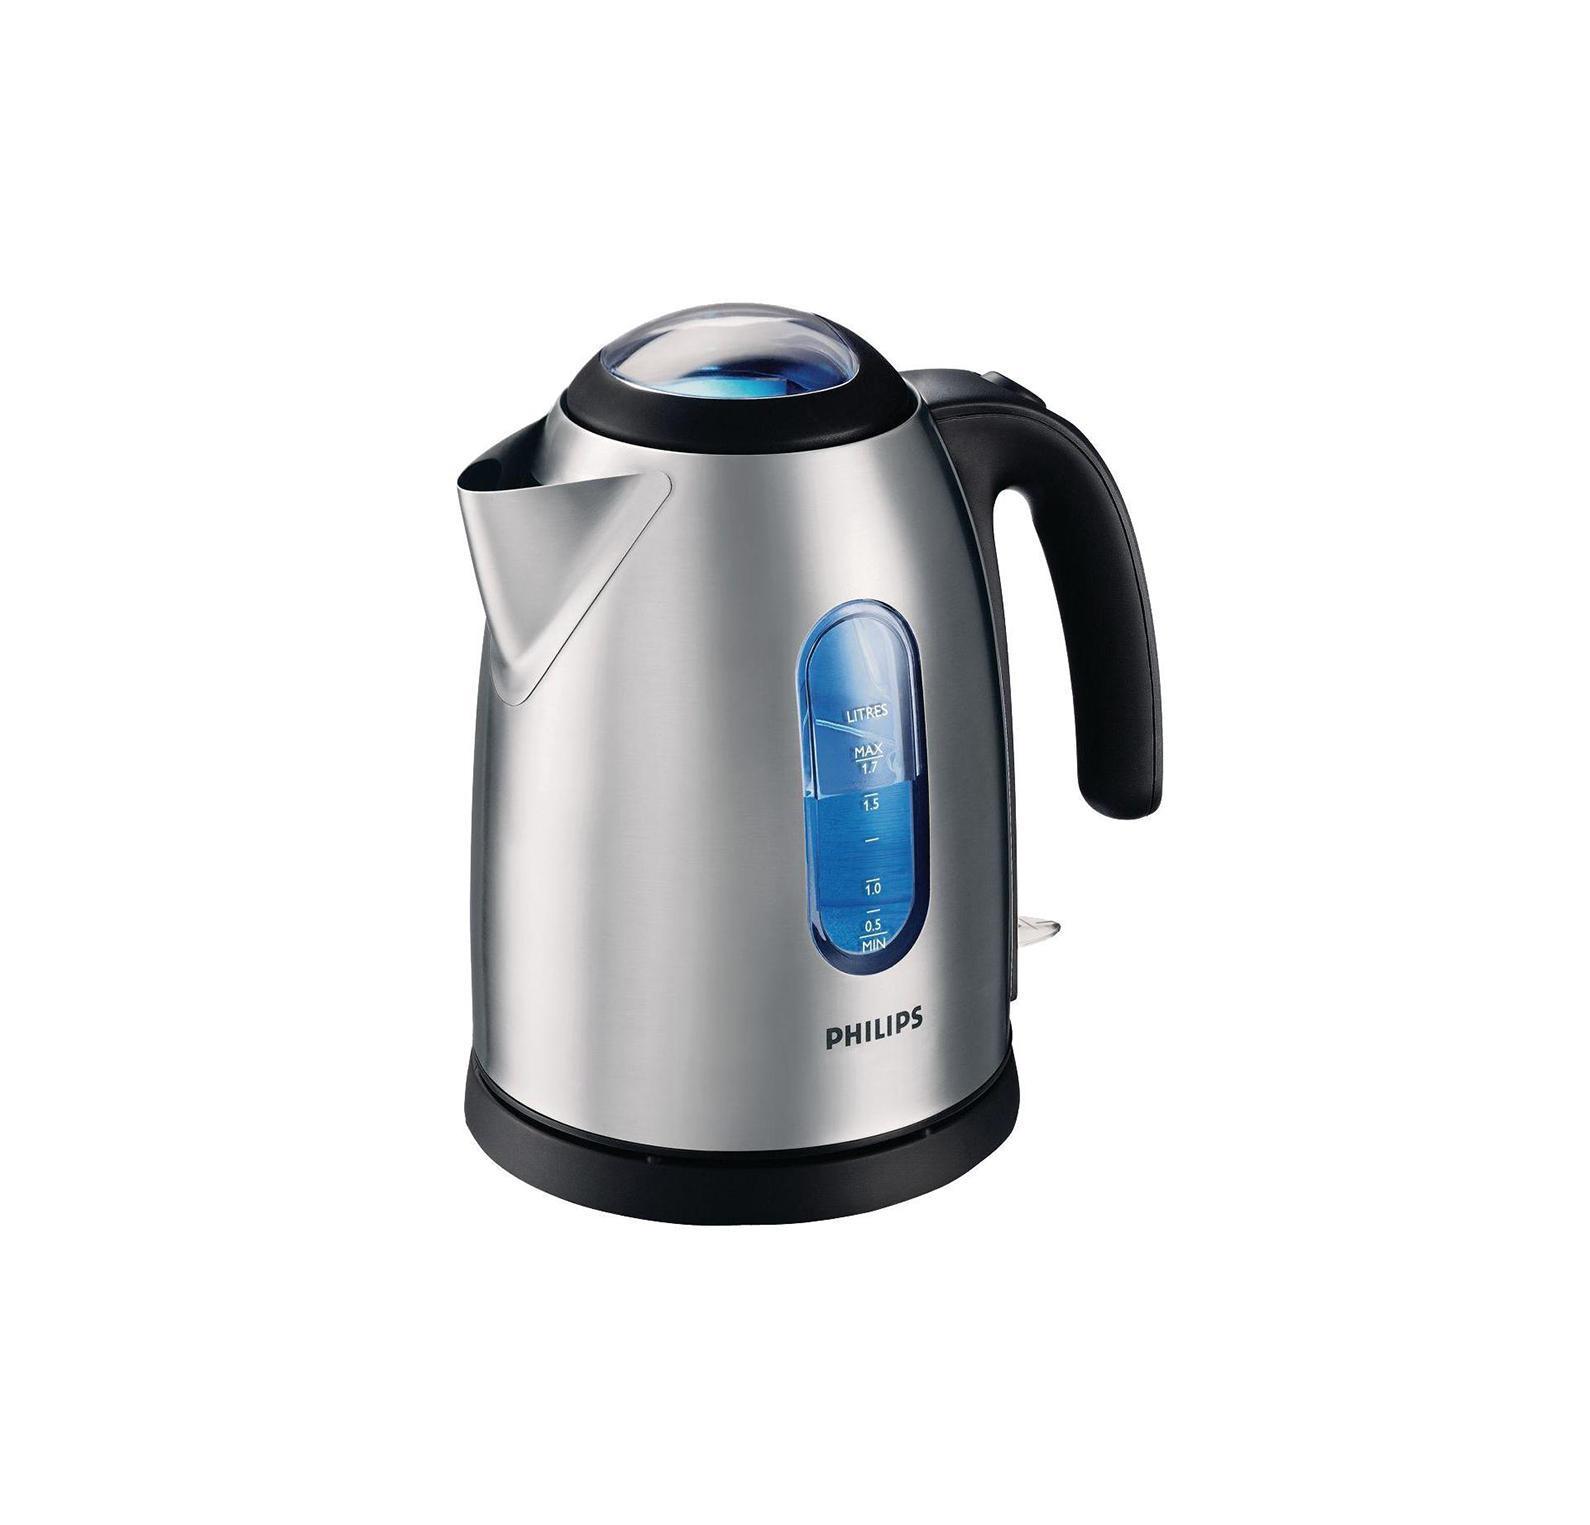 Philips HD4667/20 электрический чайникHD4667/20Прочный чайник со стальным корпусом из полированной стали. Скрытый нагревательный элемент. Поворачивающийся на 360° корпус. Эргономичная открытая ручка максимально удобна для пальцев. Автоматическое отключение при недостатке воды. Двухсторонний индикатор уровня воды. При включении чайника загорается подсветка корпуса, освещая прозрачный индикатор уровня воды и крышку приятным синим светом. Противоизвестковый фильтр тройного действия не просто предотвращает попадание накипи в воду - притягивая мелкие частицы и удерживая хлопья внутри, накипь остается в фильтре.